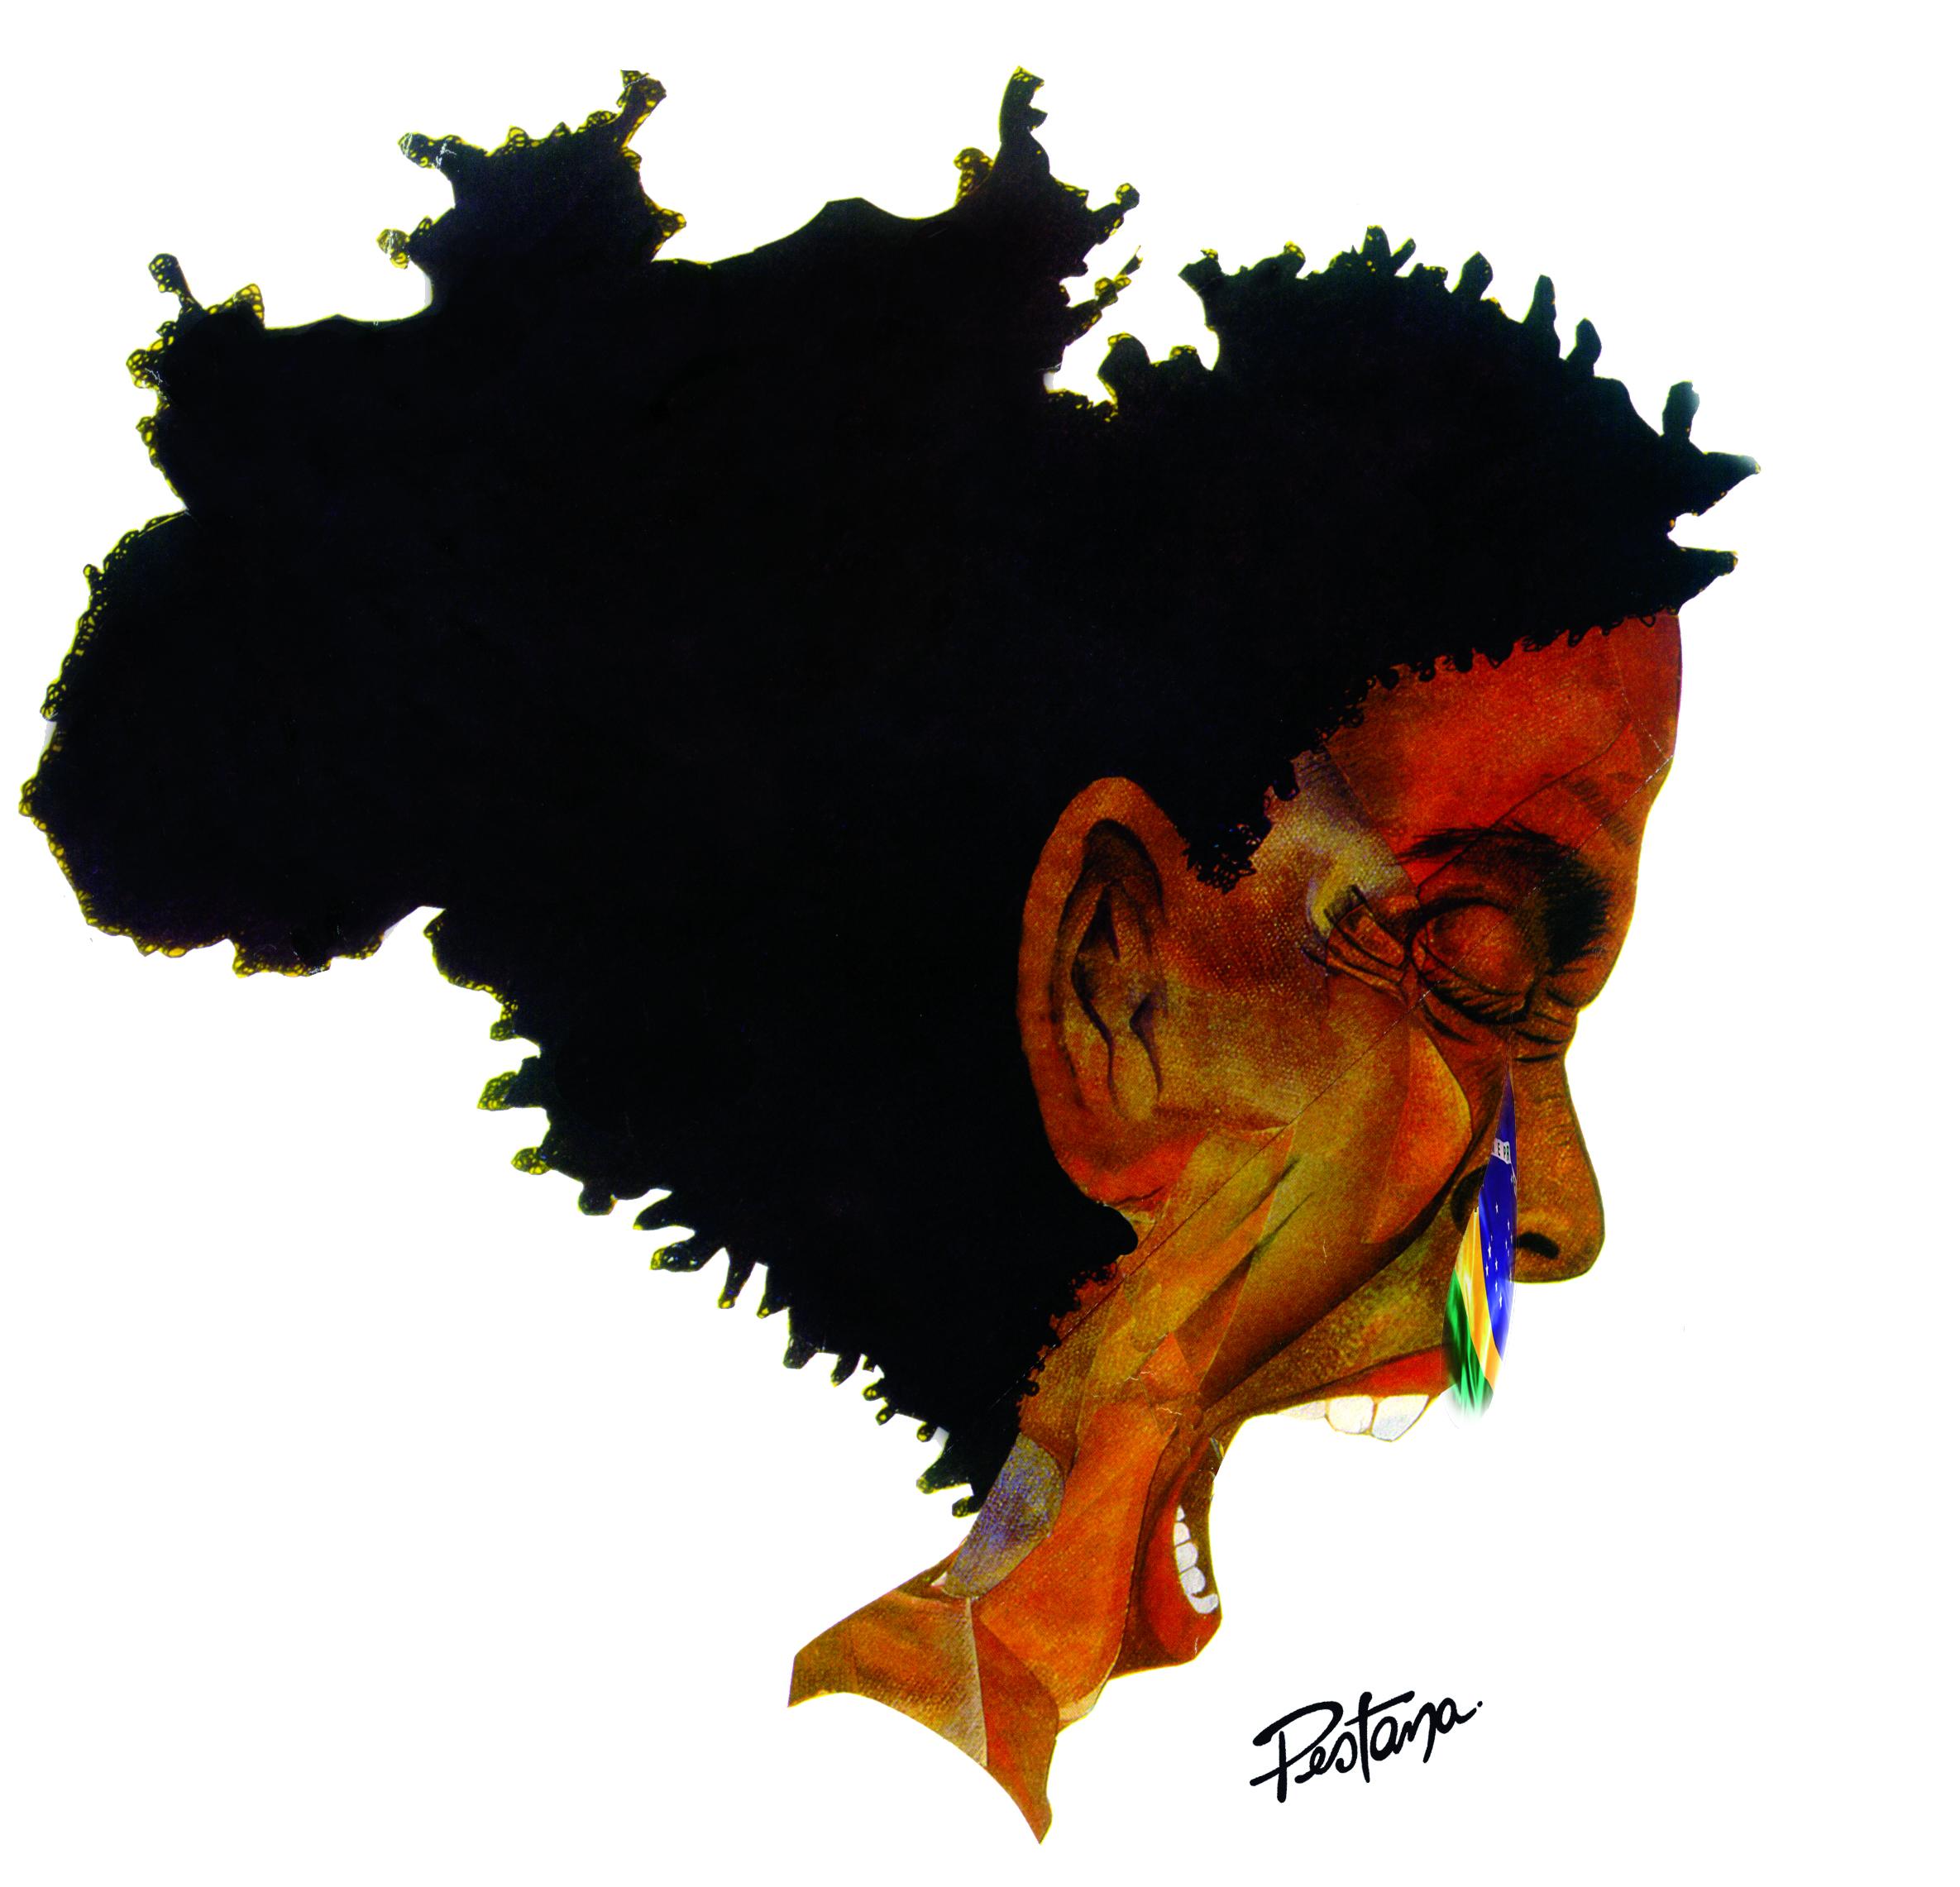 https://revistaraca.com.br/wp-content/uploads/2018/03/Ilustração-texto-Zulu.jpg